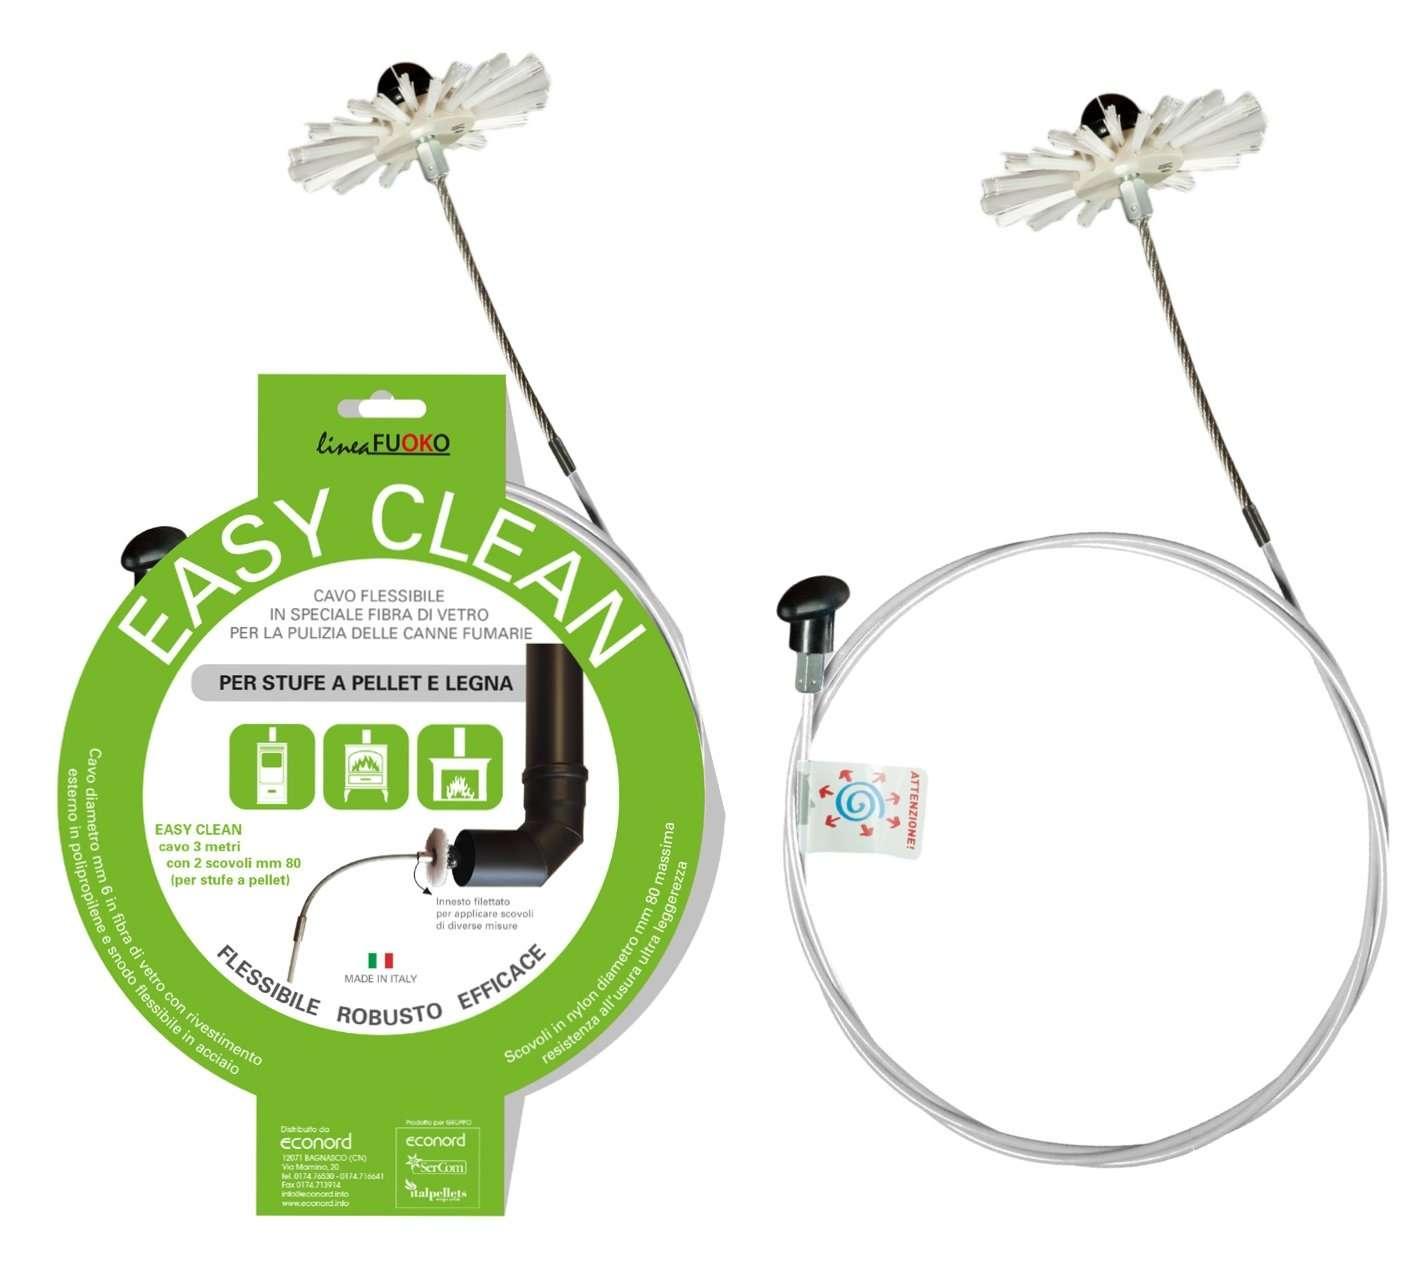 sonda flessibile in speciale fibra di vetro per la pulizia dei tubi